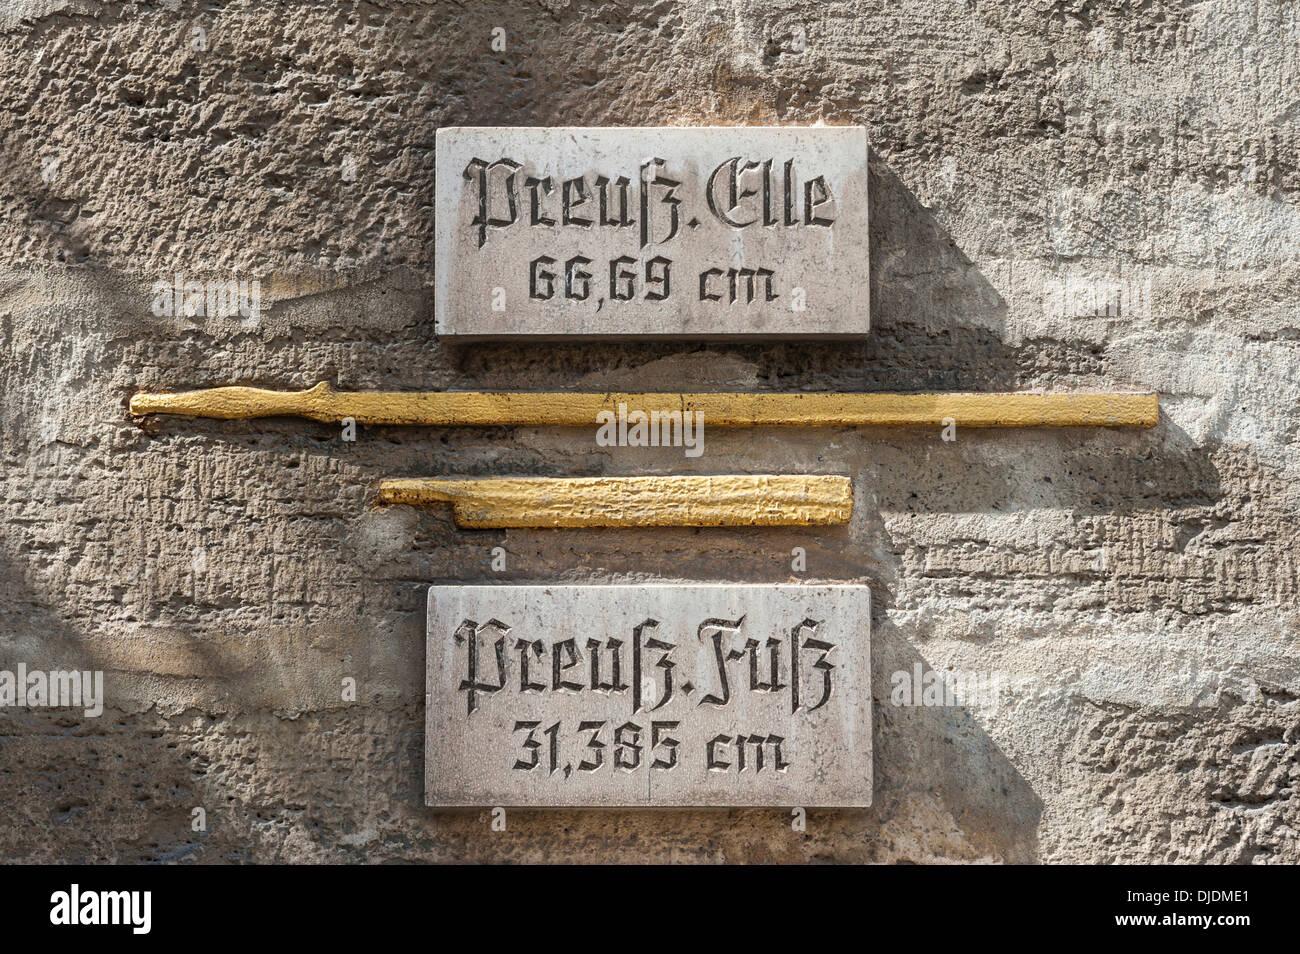 Historische Maßnahmen der Länge im Rathaus, vergoldet mit Informationstafeln, Bad Langensalza, Thüringen, Deutschland Stockbild